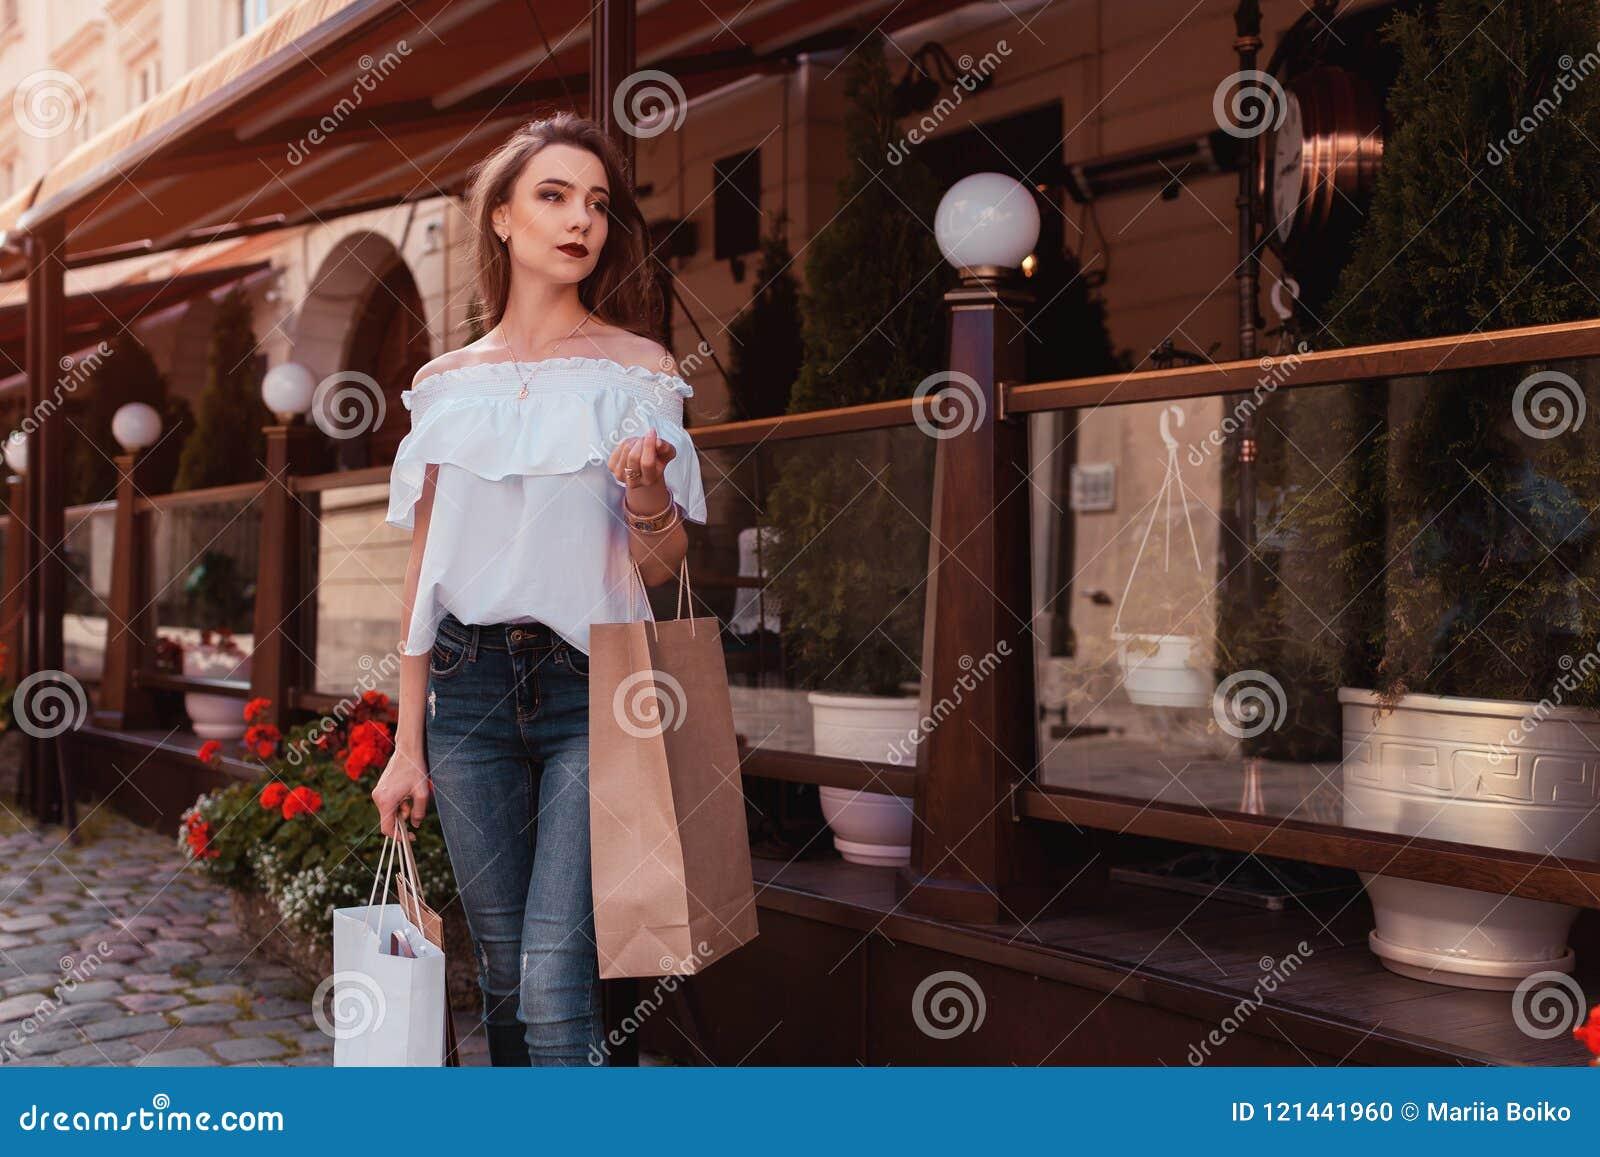 Υπαίθριο πορτρέτο του όμορφου μοντέρνου περπατήματος γυναικών στην οδό Πρότυπη αναμονή μόδας για τους φίλους από τον καφέ